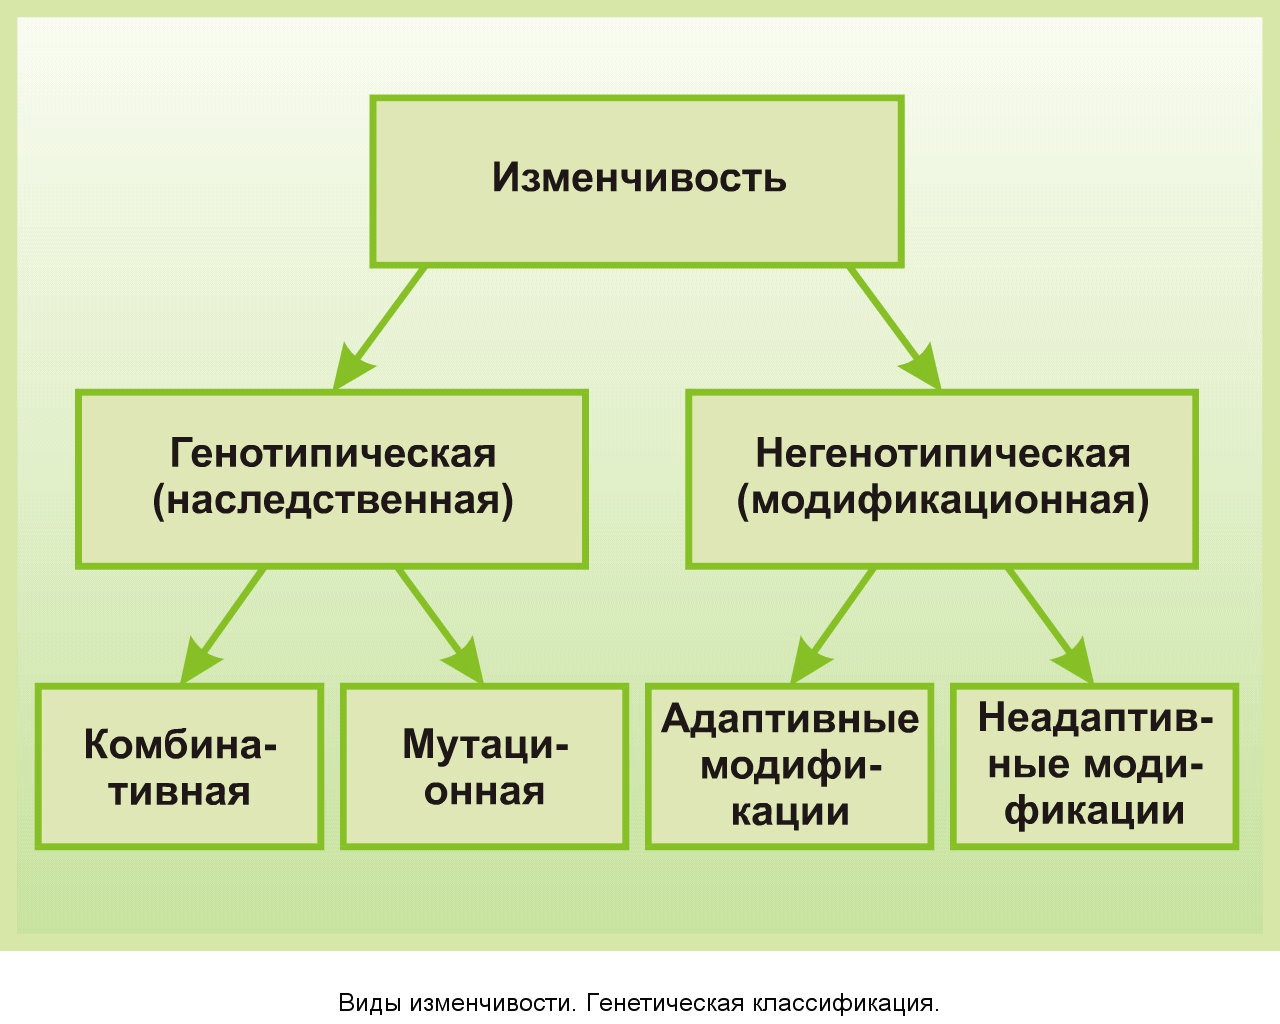 Изменчивость организмов